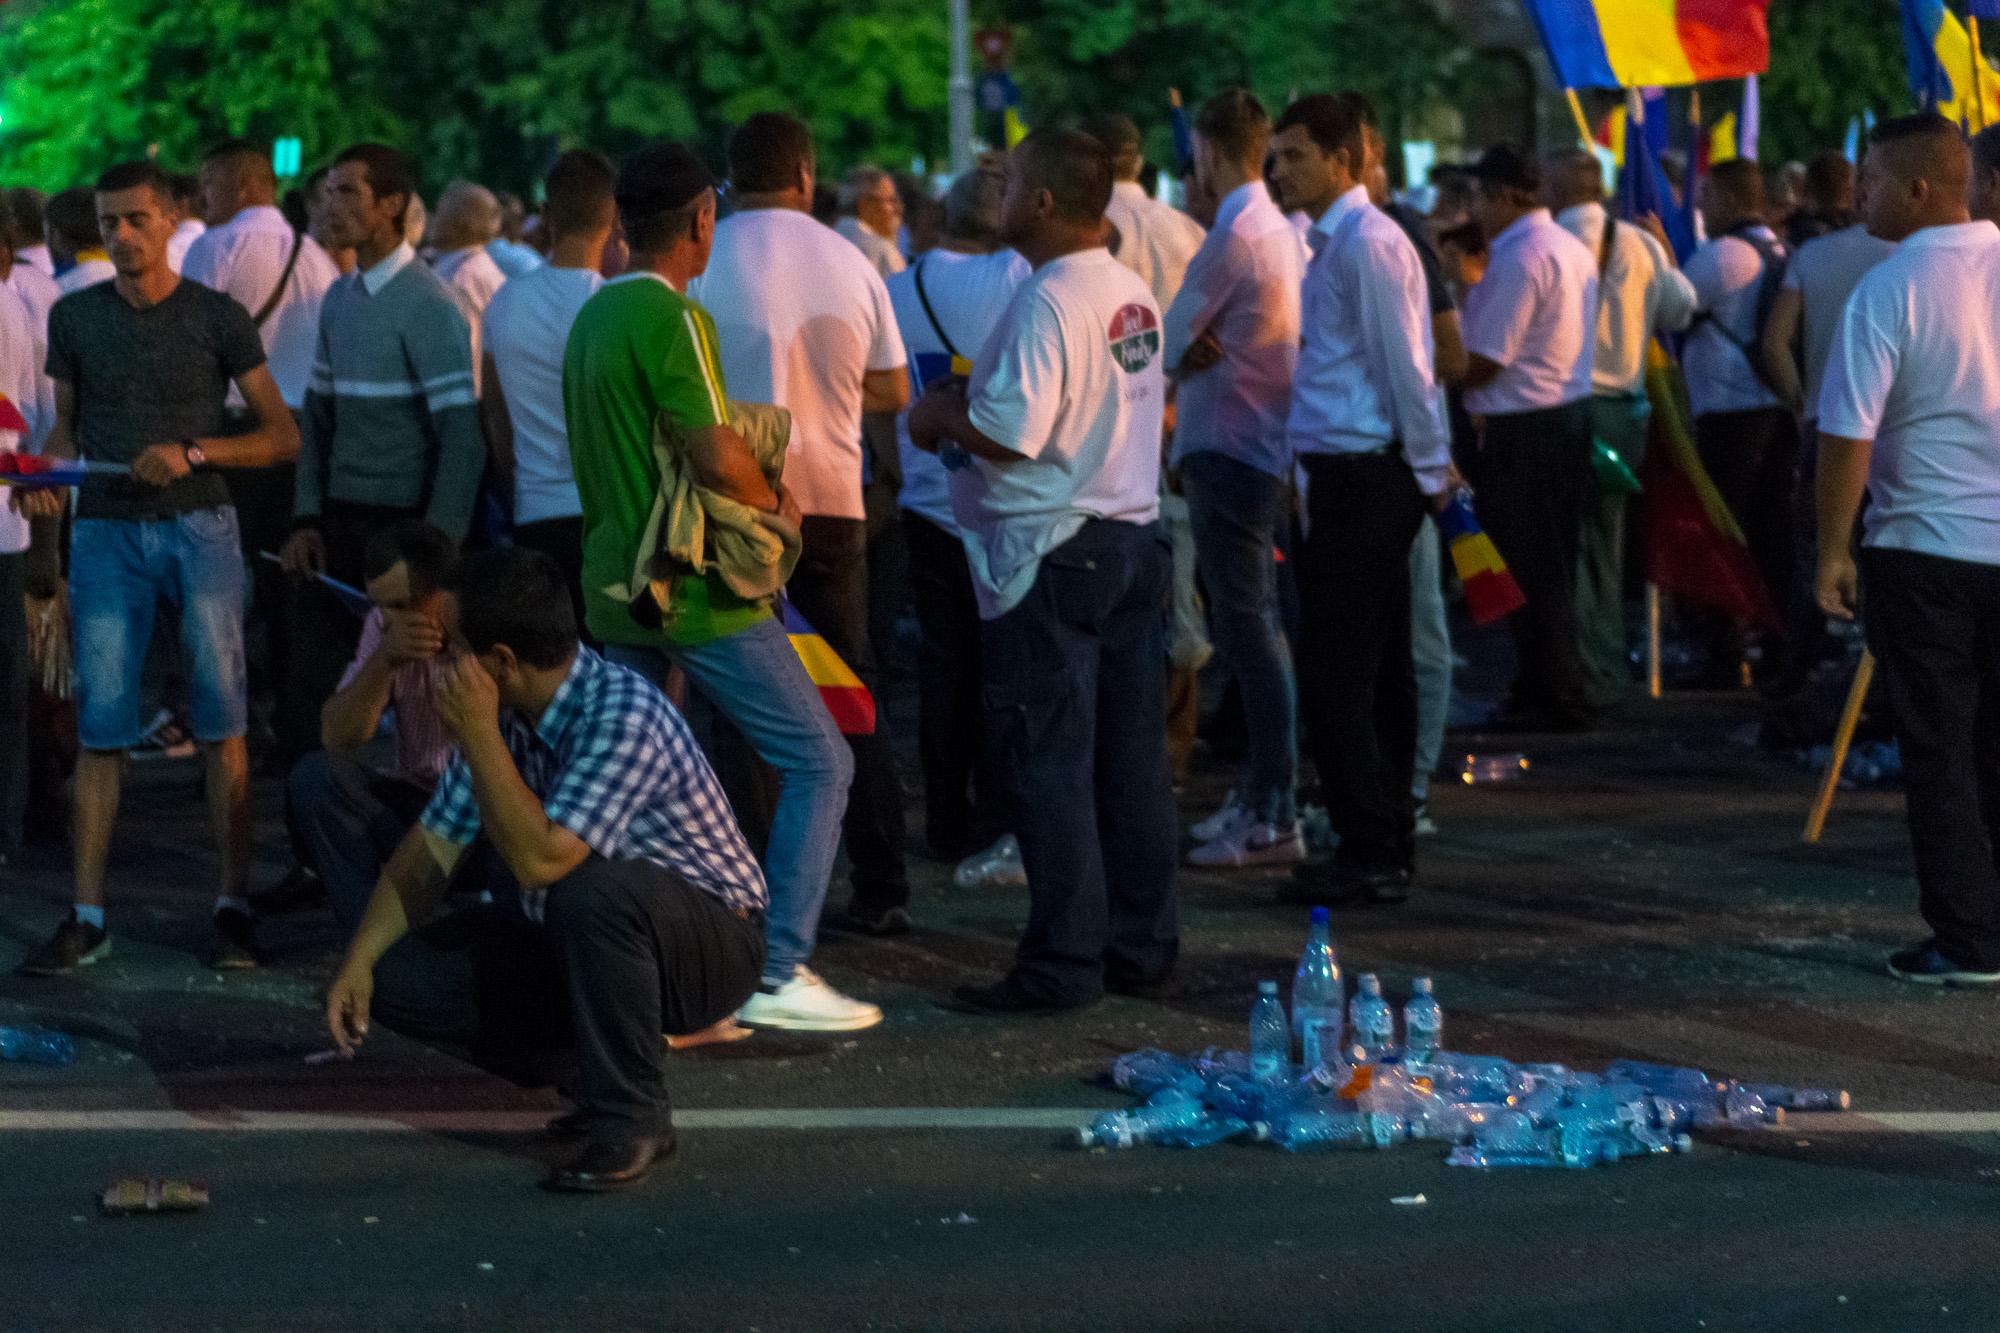 MELE - Cine va pierde de pe urma mitingului PSD-ALDE - Pagina 2 1528628079170-Miting-PSD-mizeria-din-urma-7